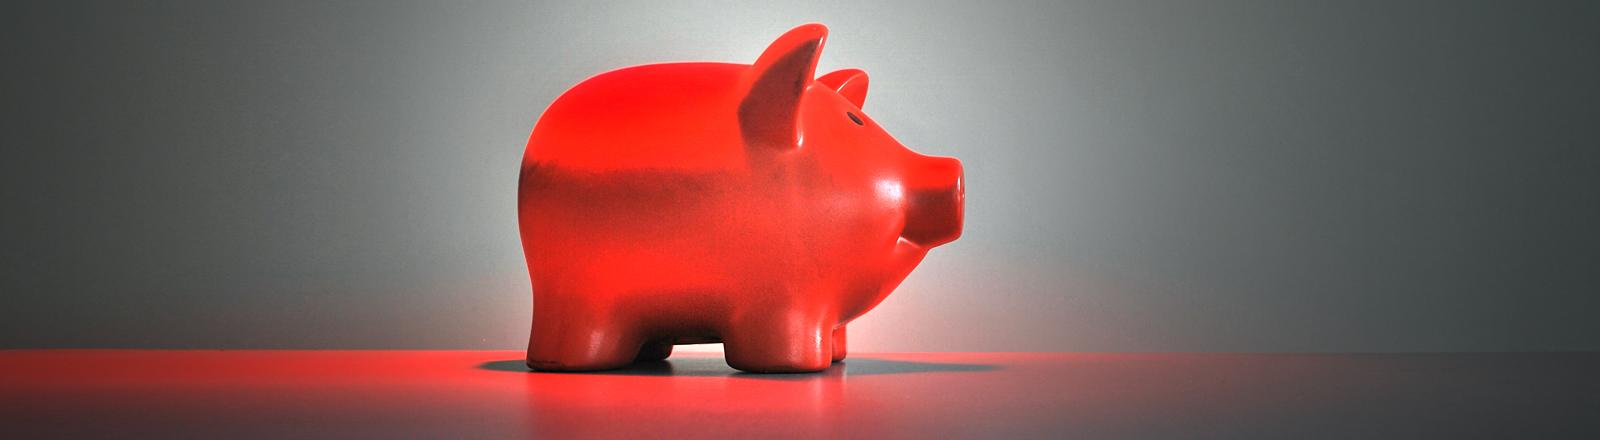 Ein rotes Sparschwein.